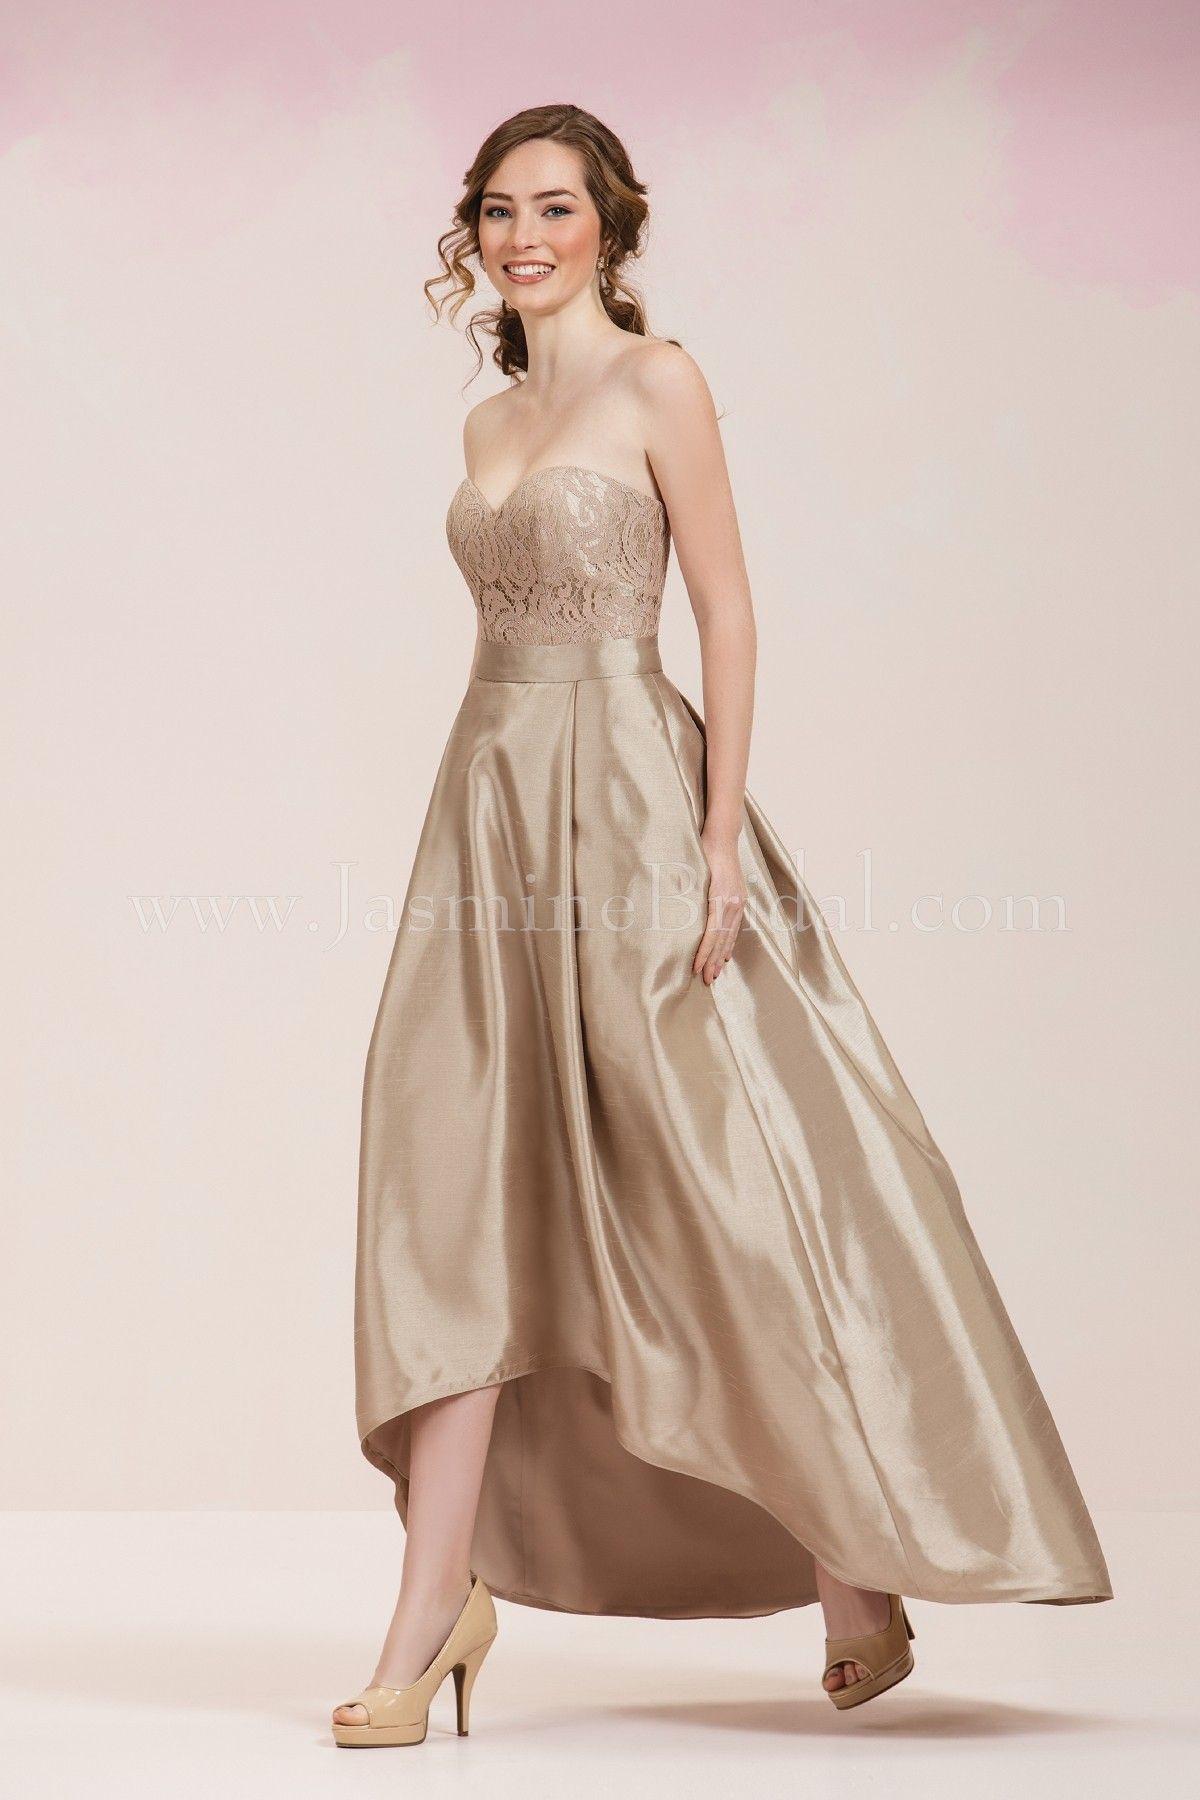 Jasmine bridal bridesmaid dress jasmine bridesmaids style p186061 jasmine bridal bridesmaid dress jasmine bridesmaids style p186061 in latte ombrellifo Images